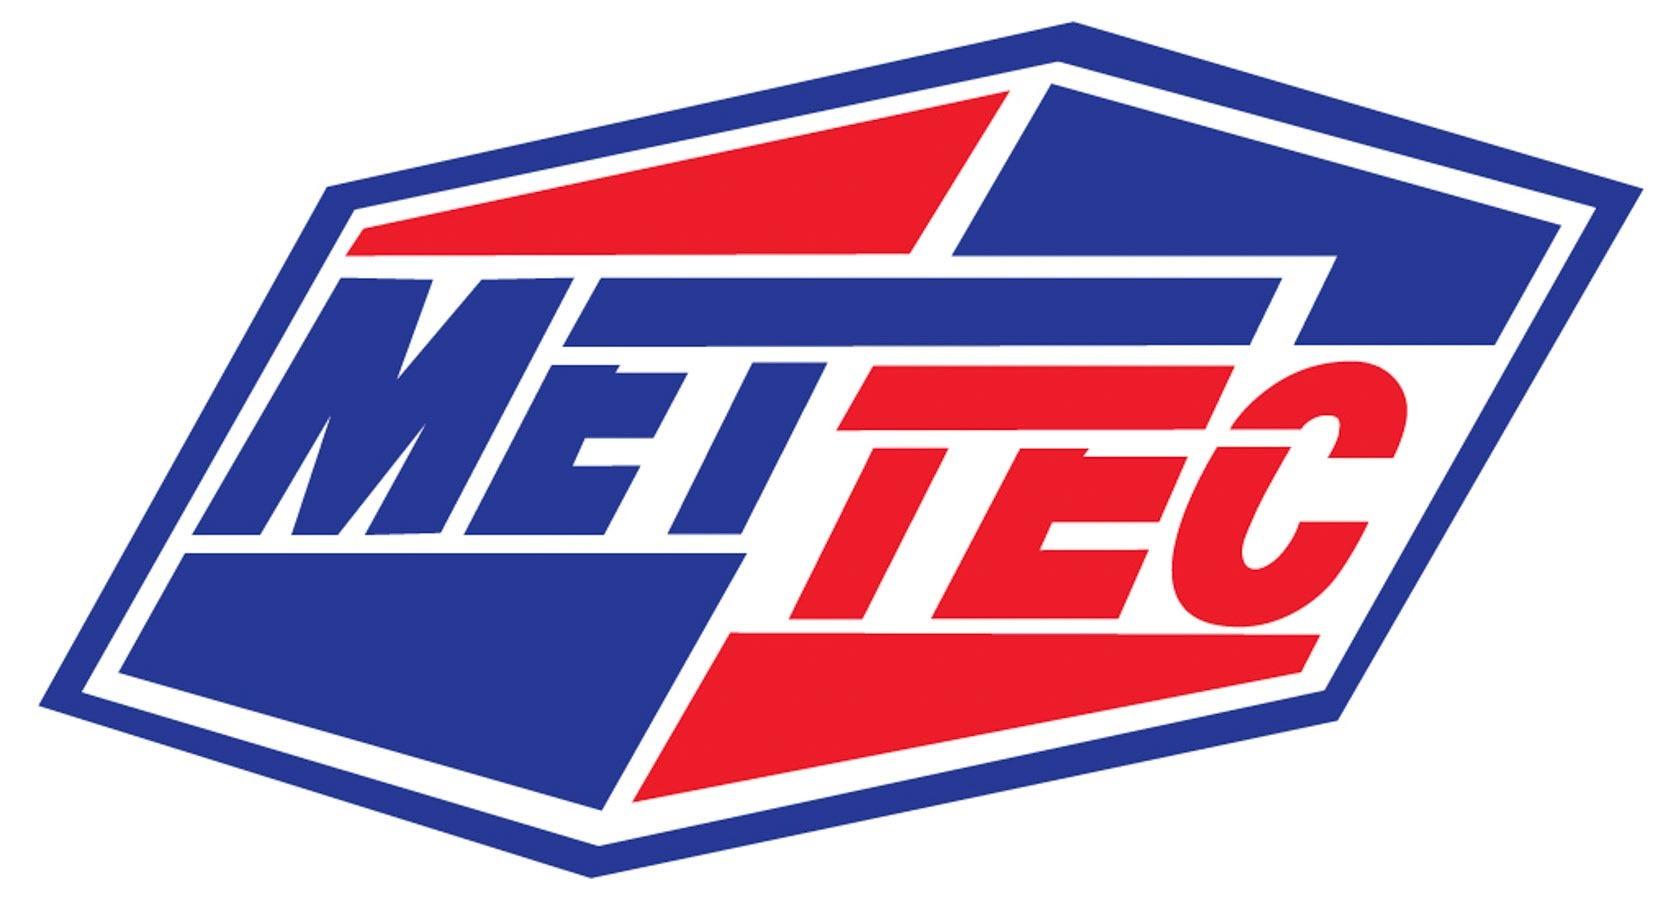 Mettec Mettec Catalog Titanium bolts 2012